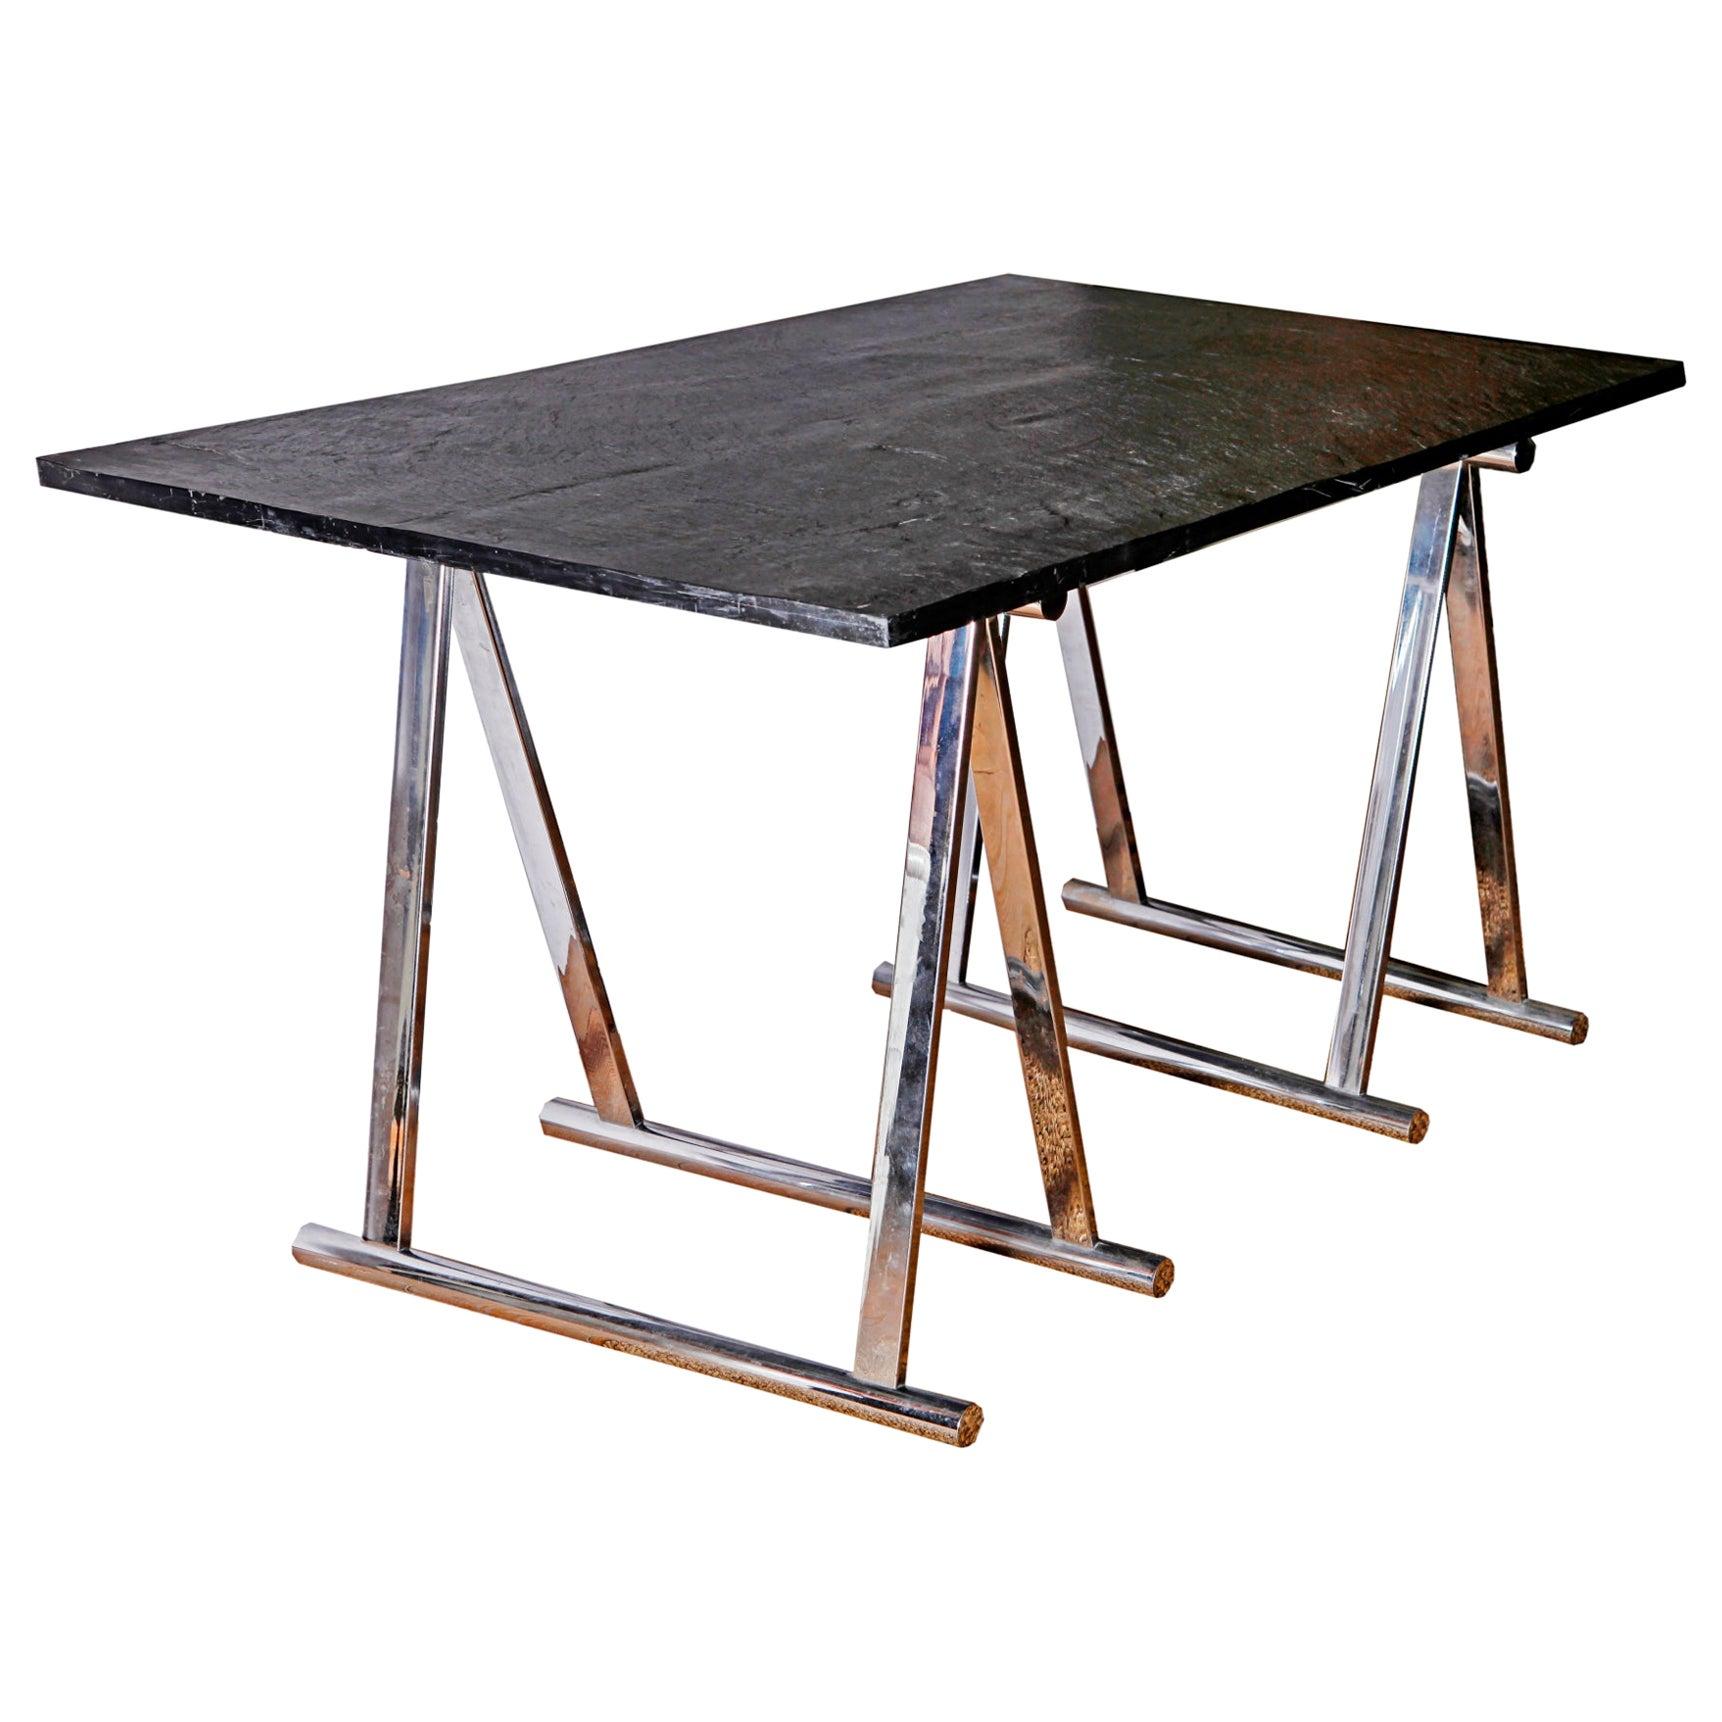 20th Century French Maison Jansen Slate and Chromed Desk